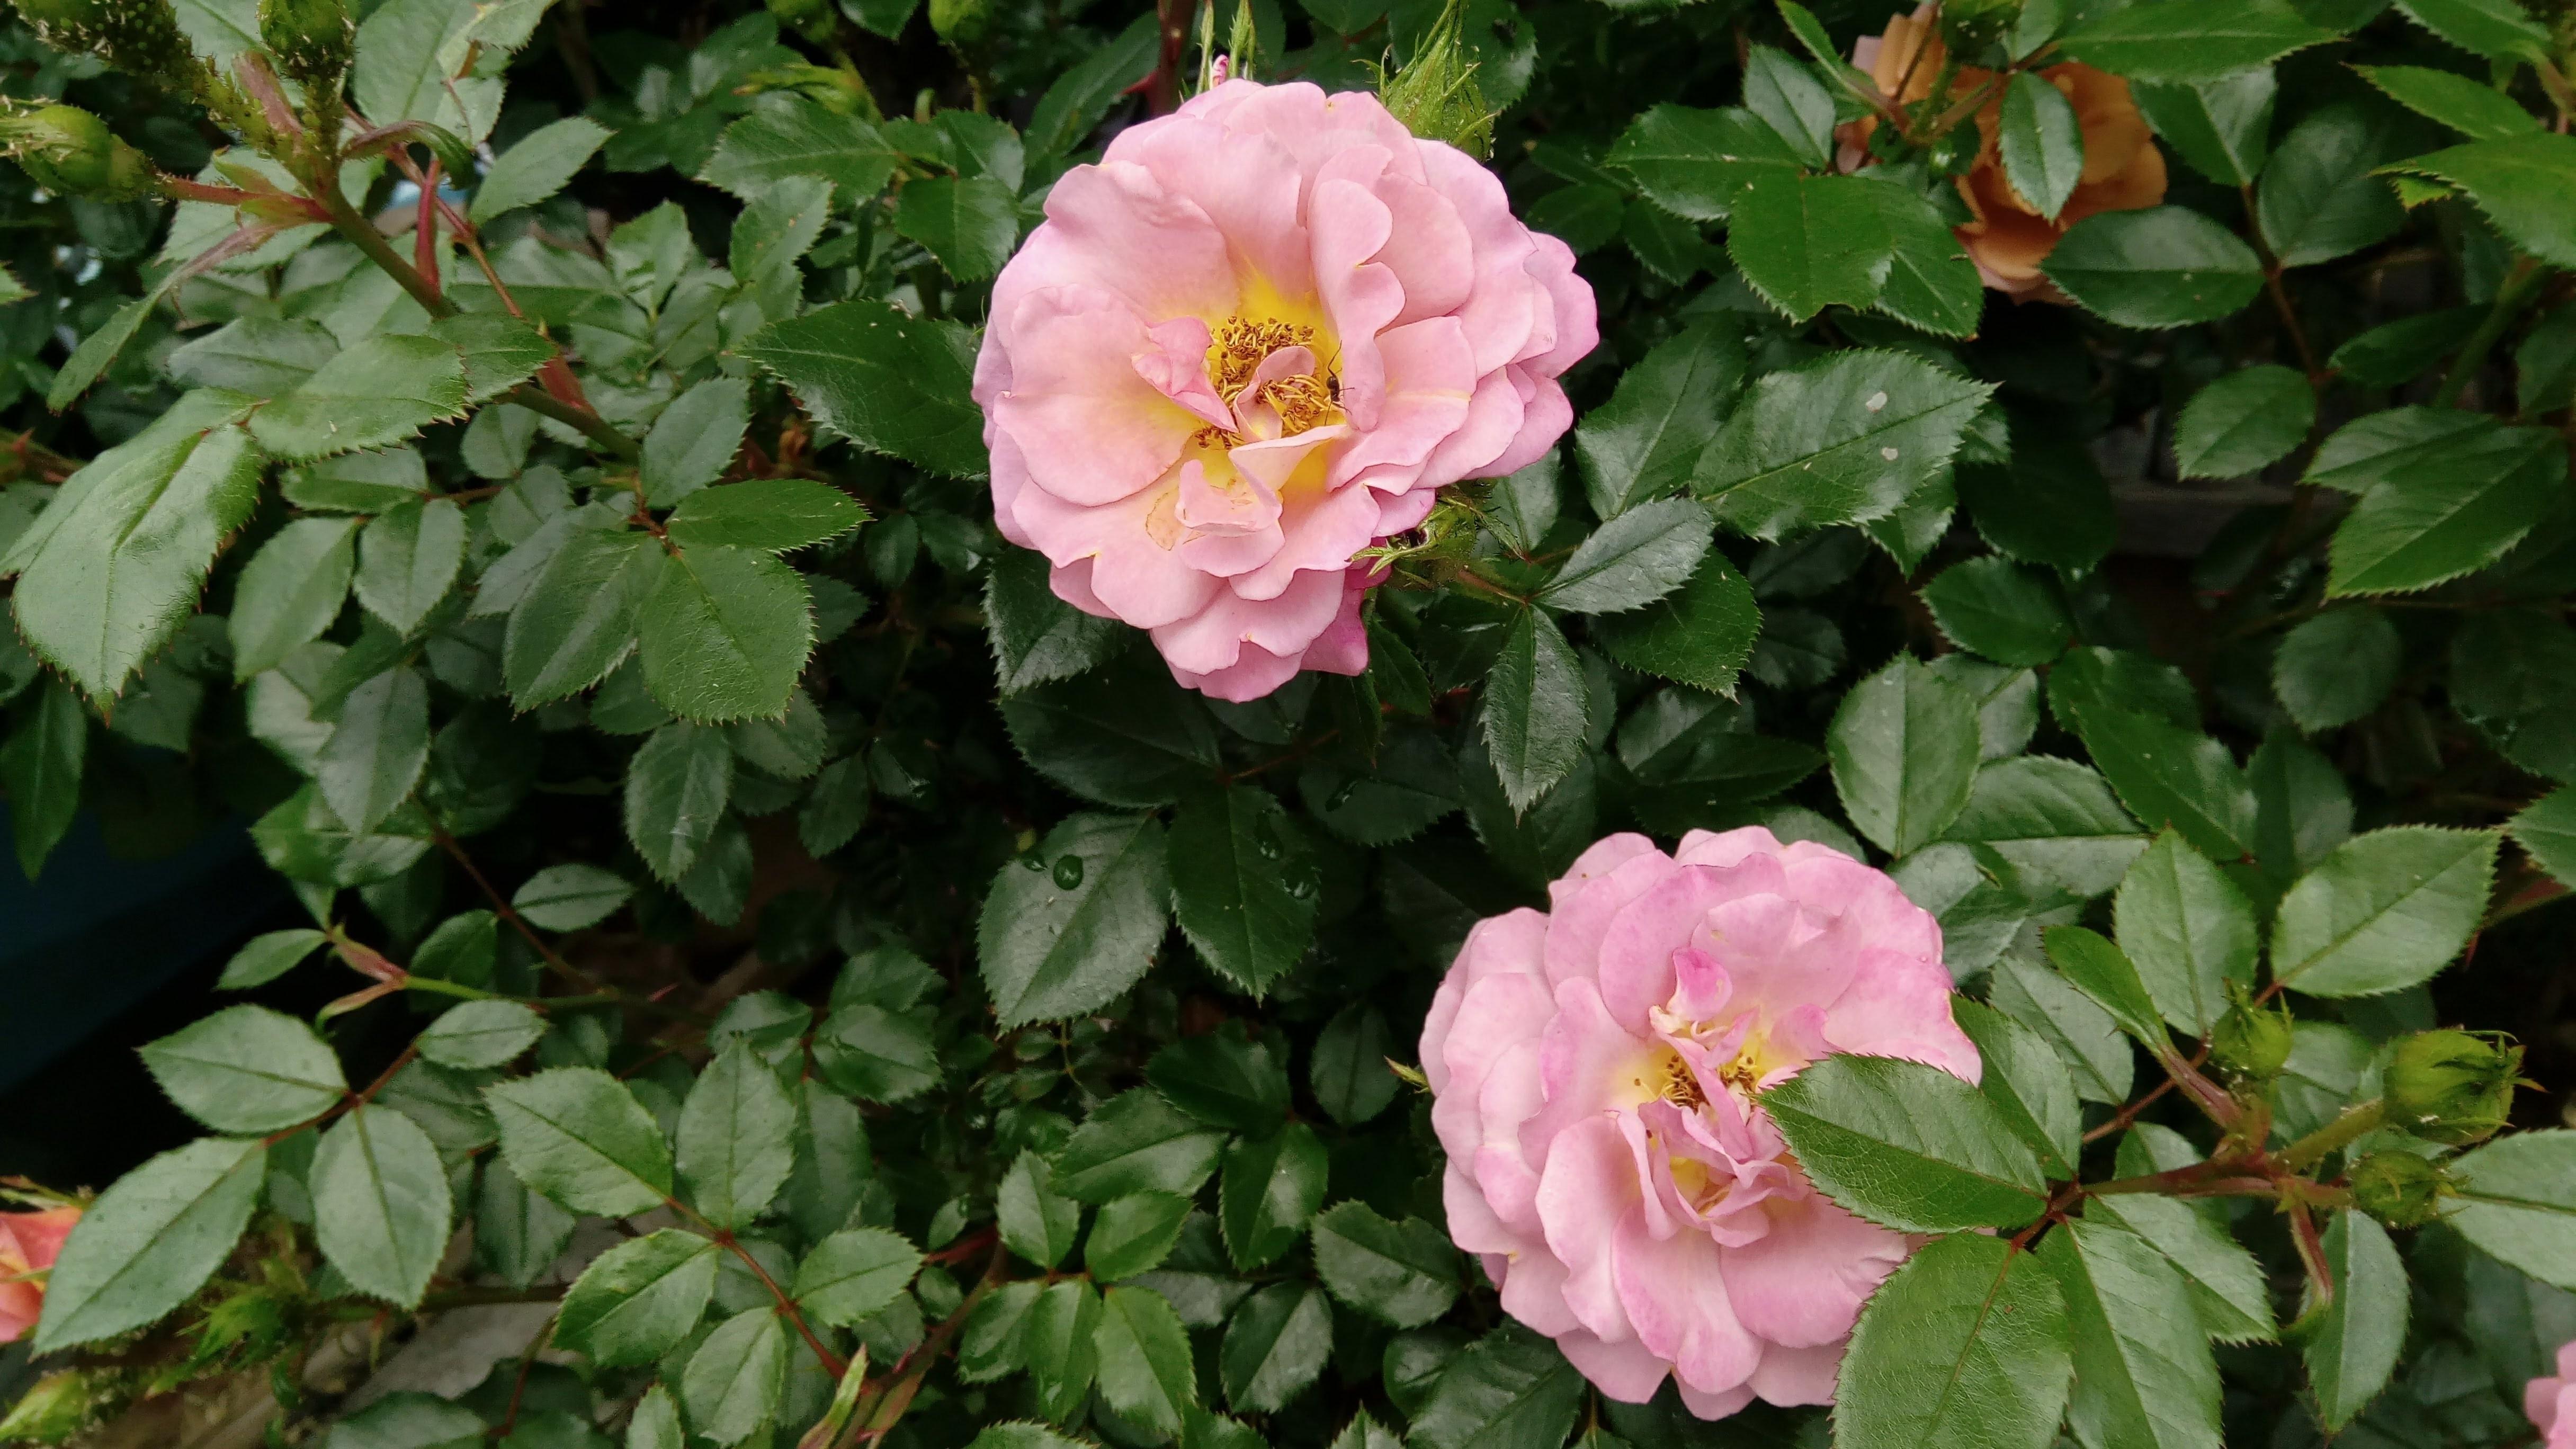 バラの初心者には鉢植えがオススメ?枯らさないためのコツもご紹介!